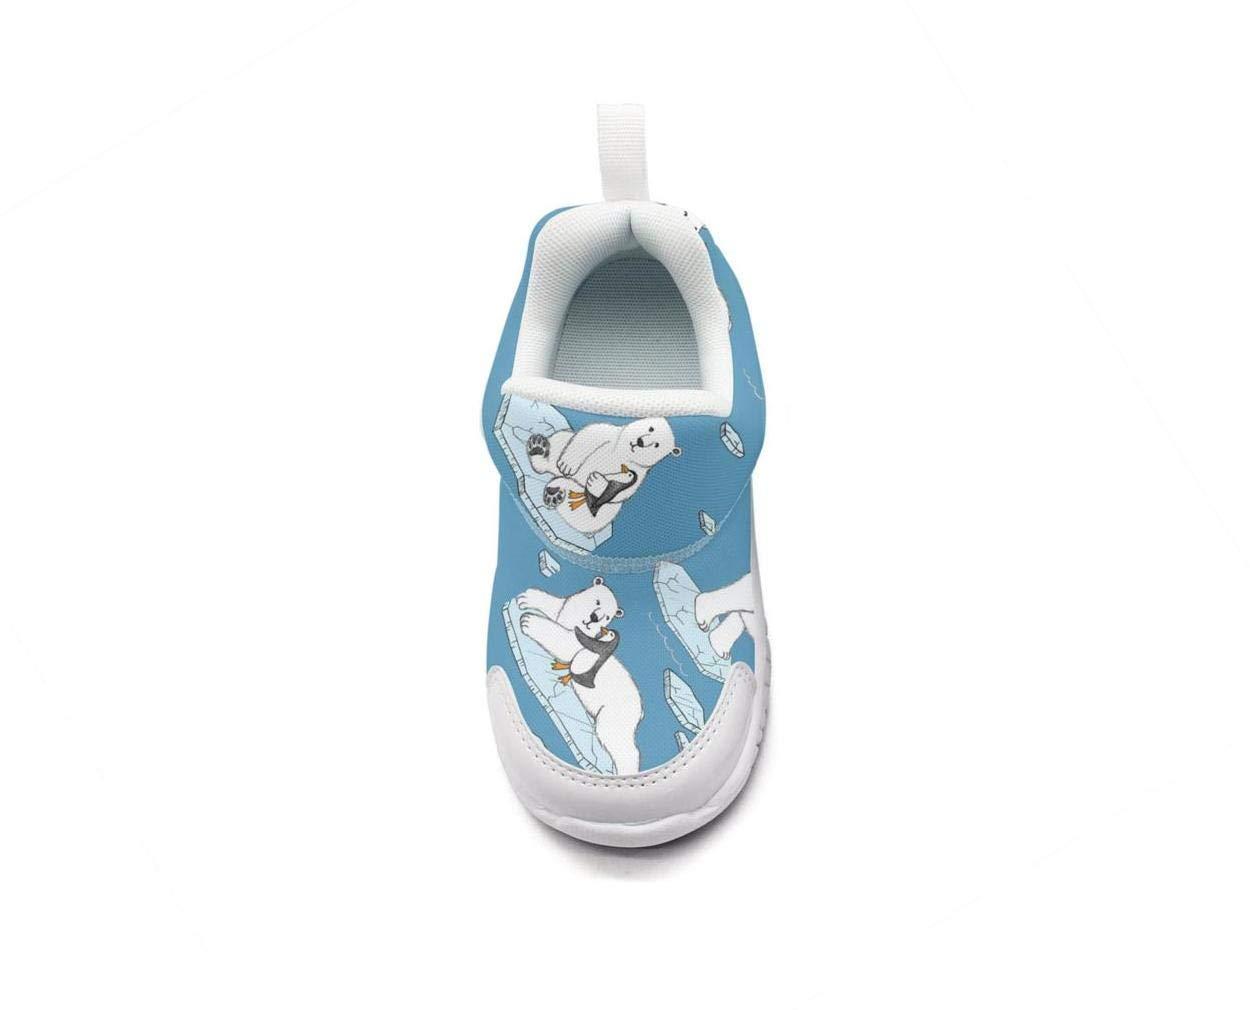 ONEYUAN Children Polar Bear Penguin Friend Kid Casual Lightweight Sport Shoes Sneakers Running Shoes